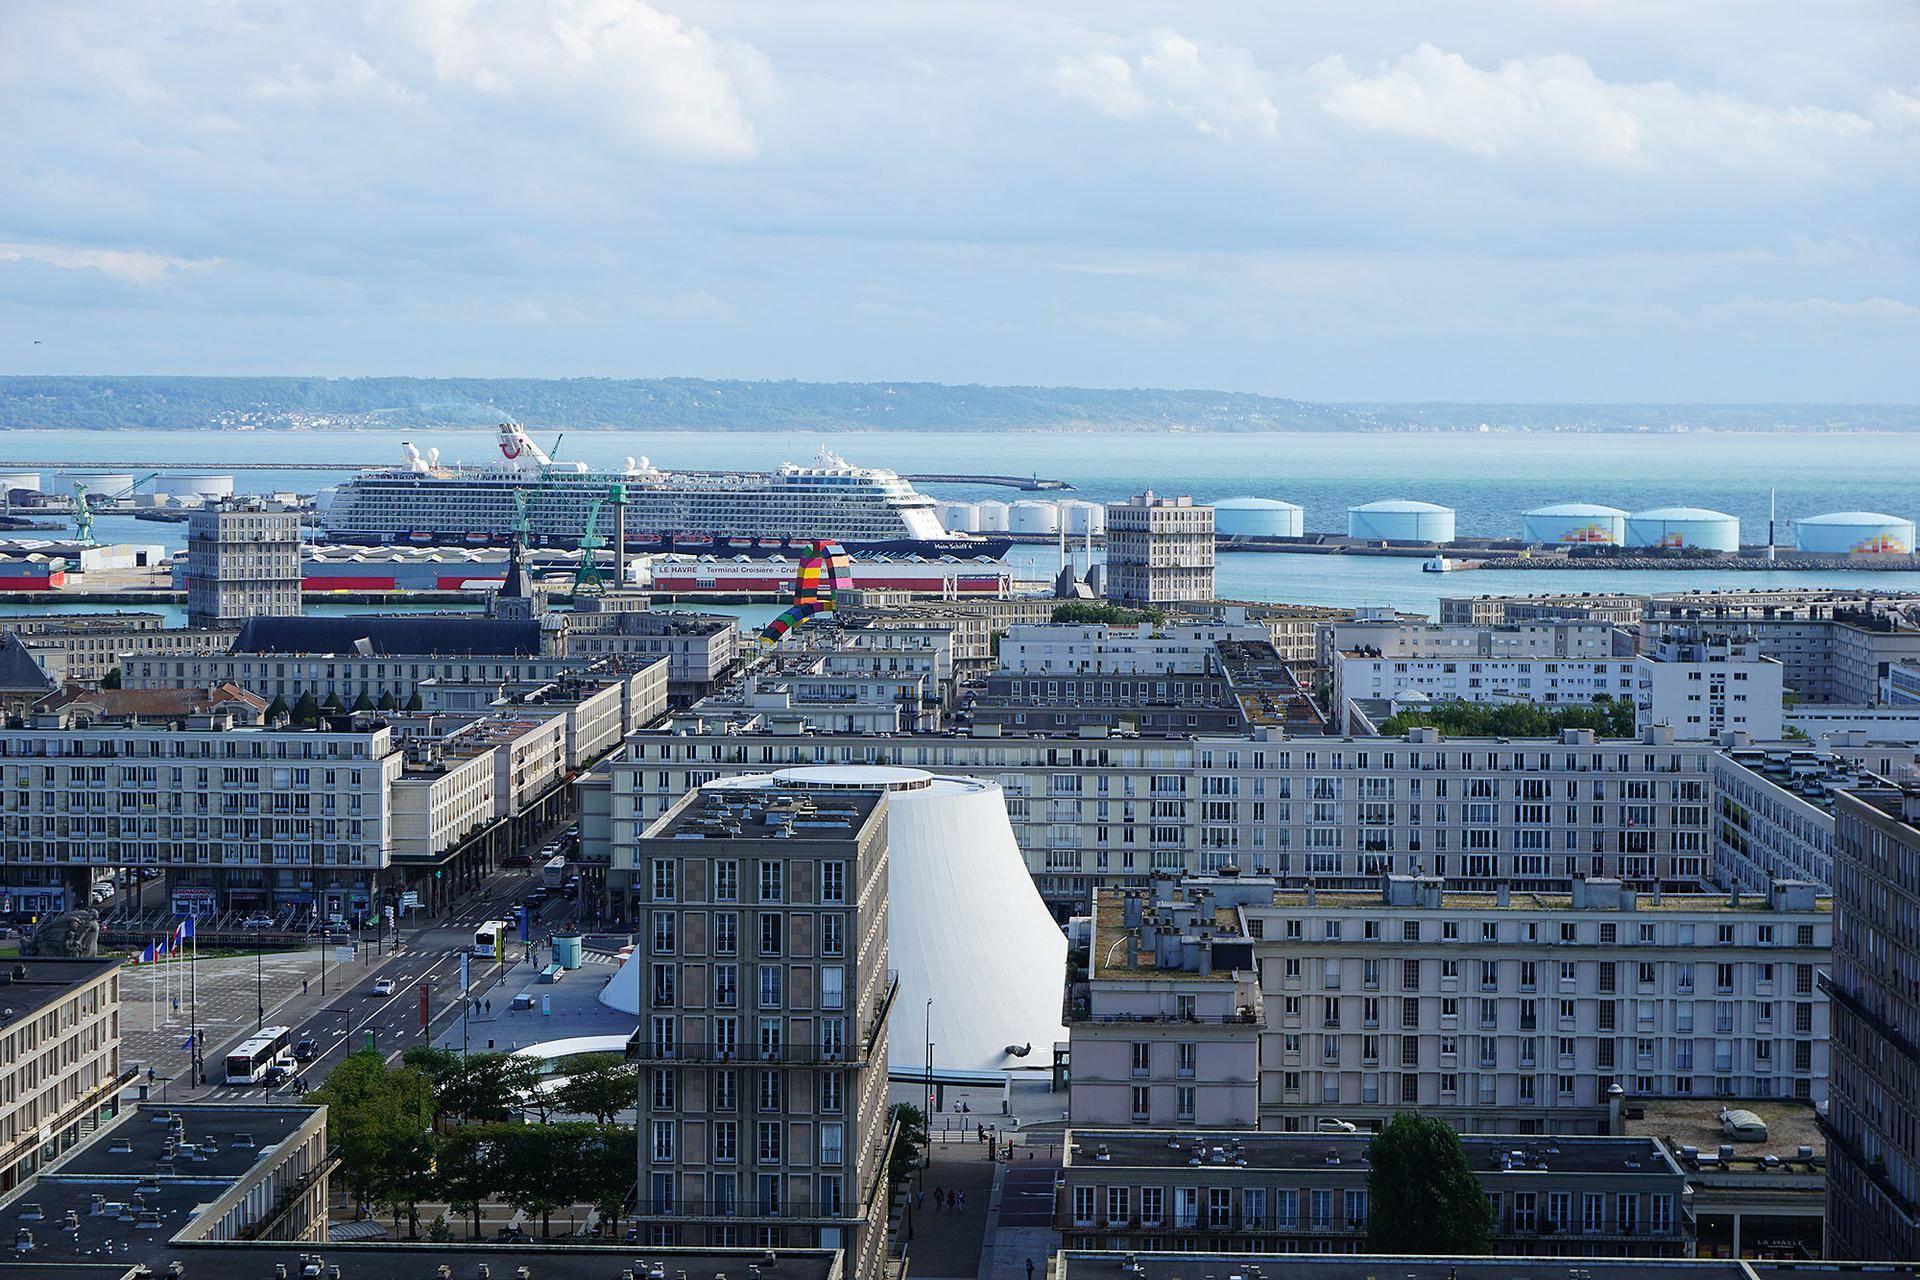 Vista de Le Havre